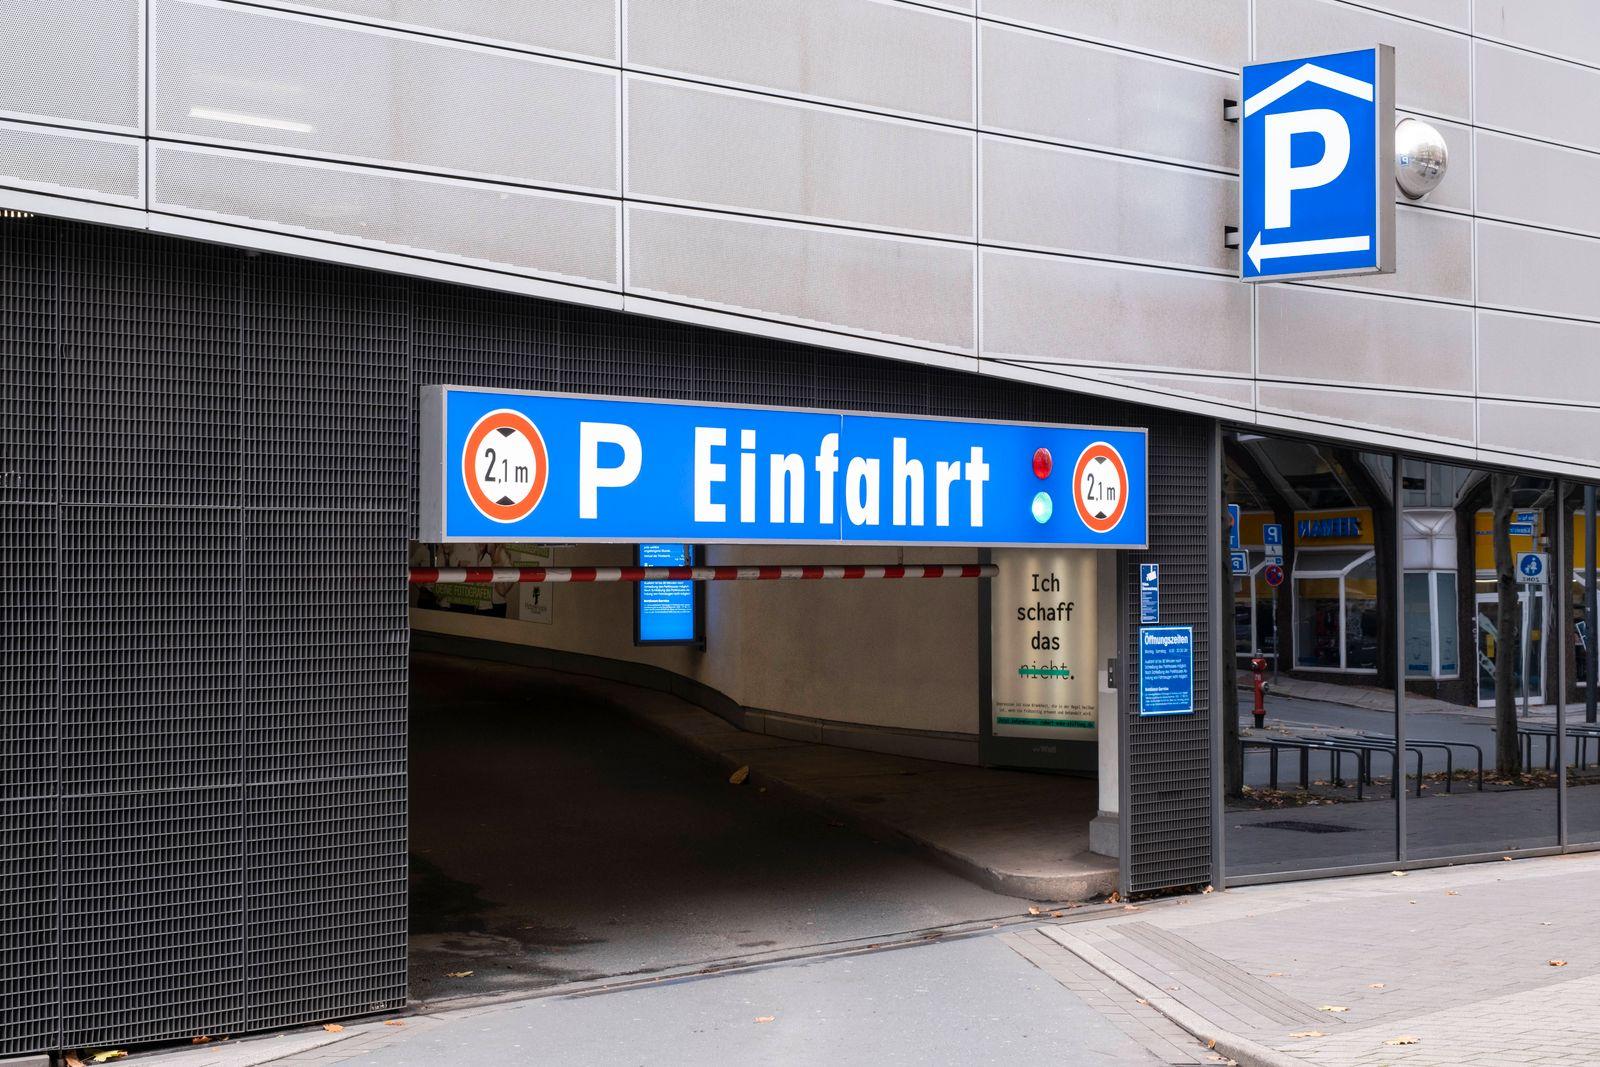 Einfahrt zum Parkhaus am Limbecker Platz, Essen, Ruhrgebiet, Nordrhein-Westfalen, Deutschland *** Entrance to the parkin